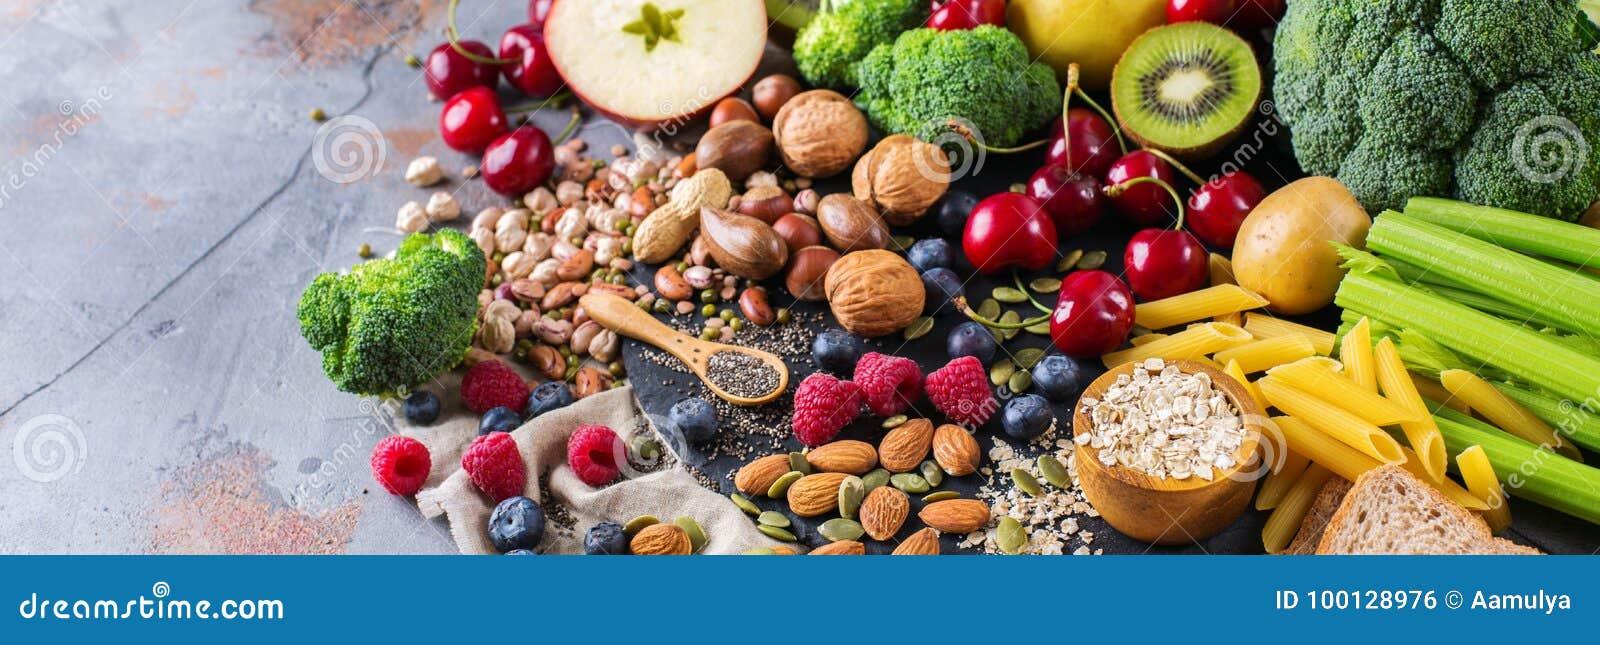 Επιλογή των υγιών πλούσιων vegan τροφίμων πηγών ινών για το μαγείρεμα